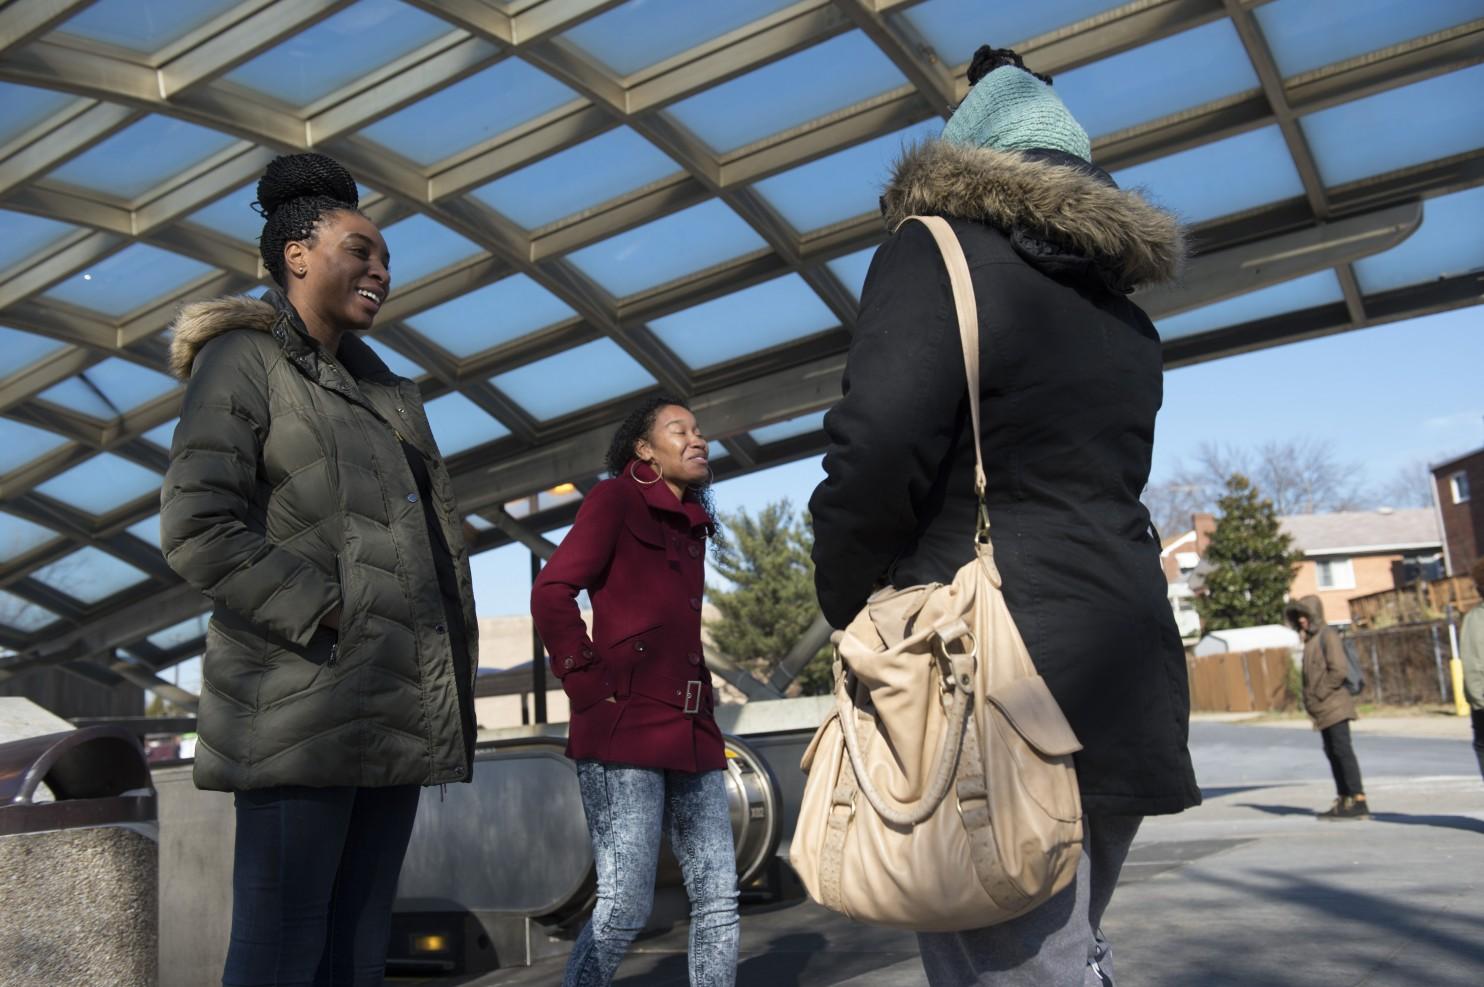 Чернокожие жительницы Вашингтона снедоверием относятся квозможностям профилактики ВИЧ.